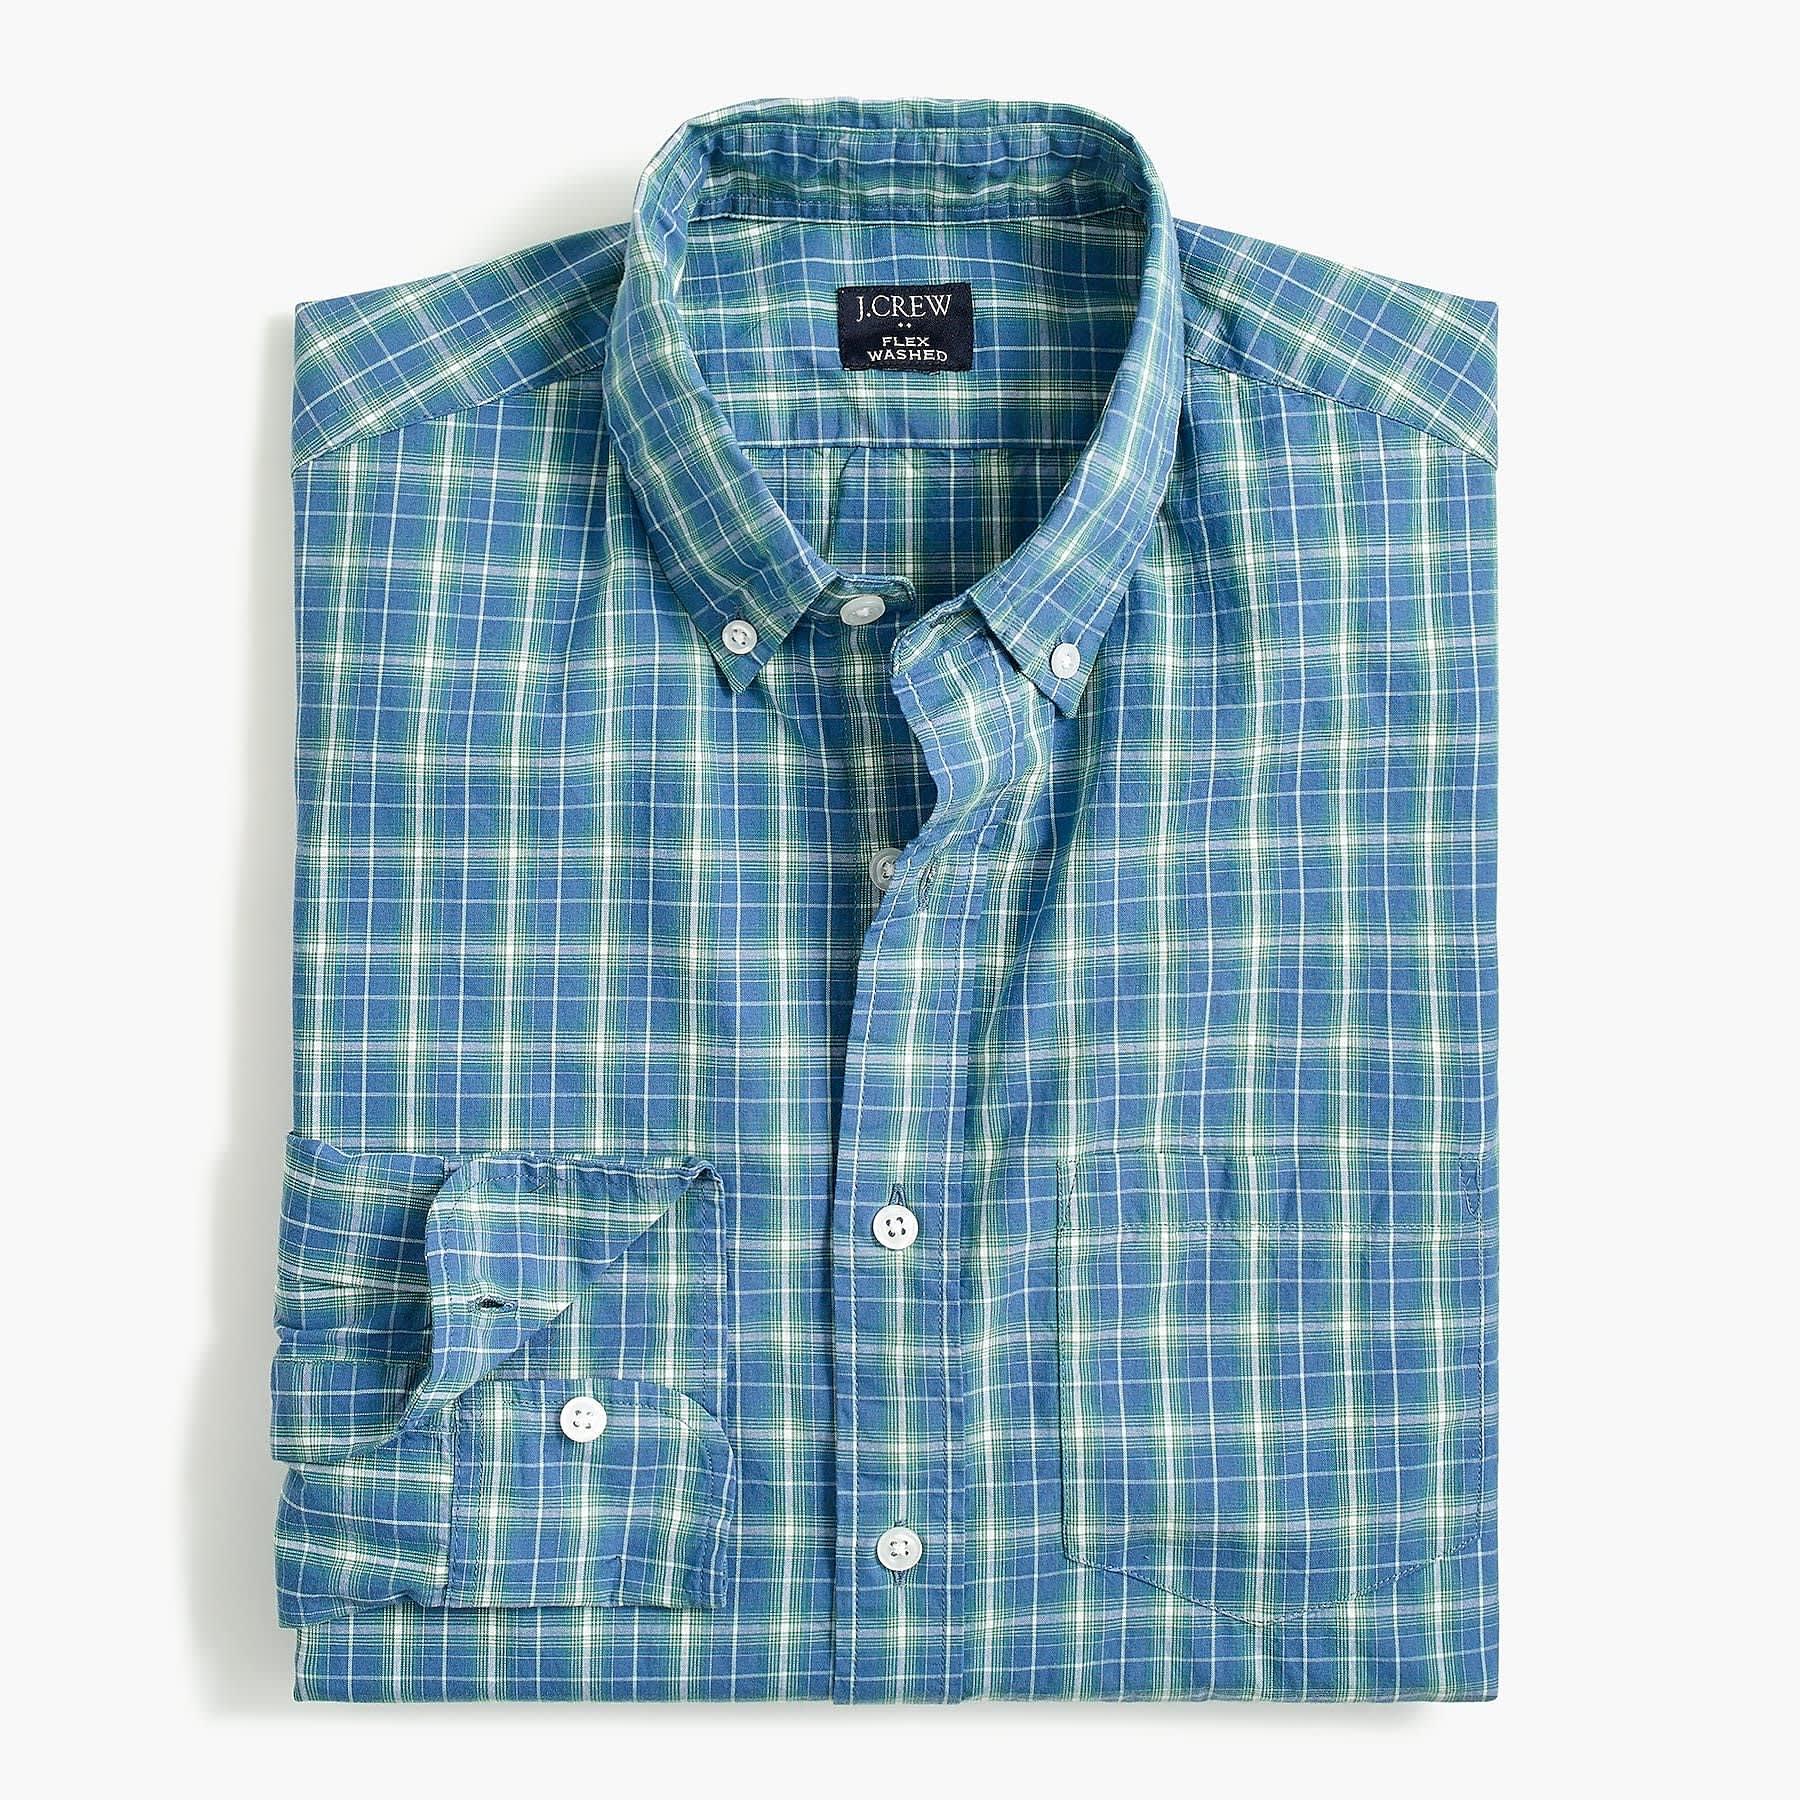 J.Crew Factory Men's Plaid Slim Flex Casual Shirt (S, M only)